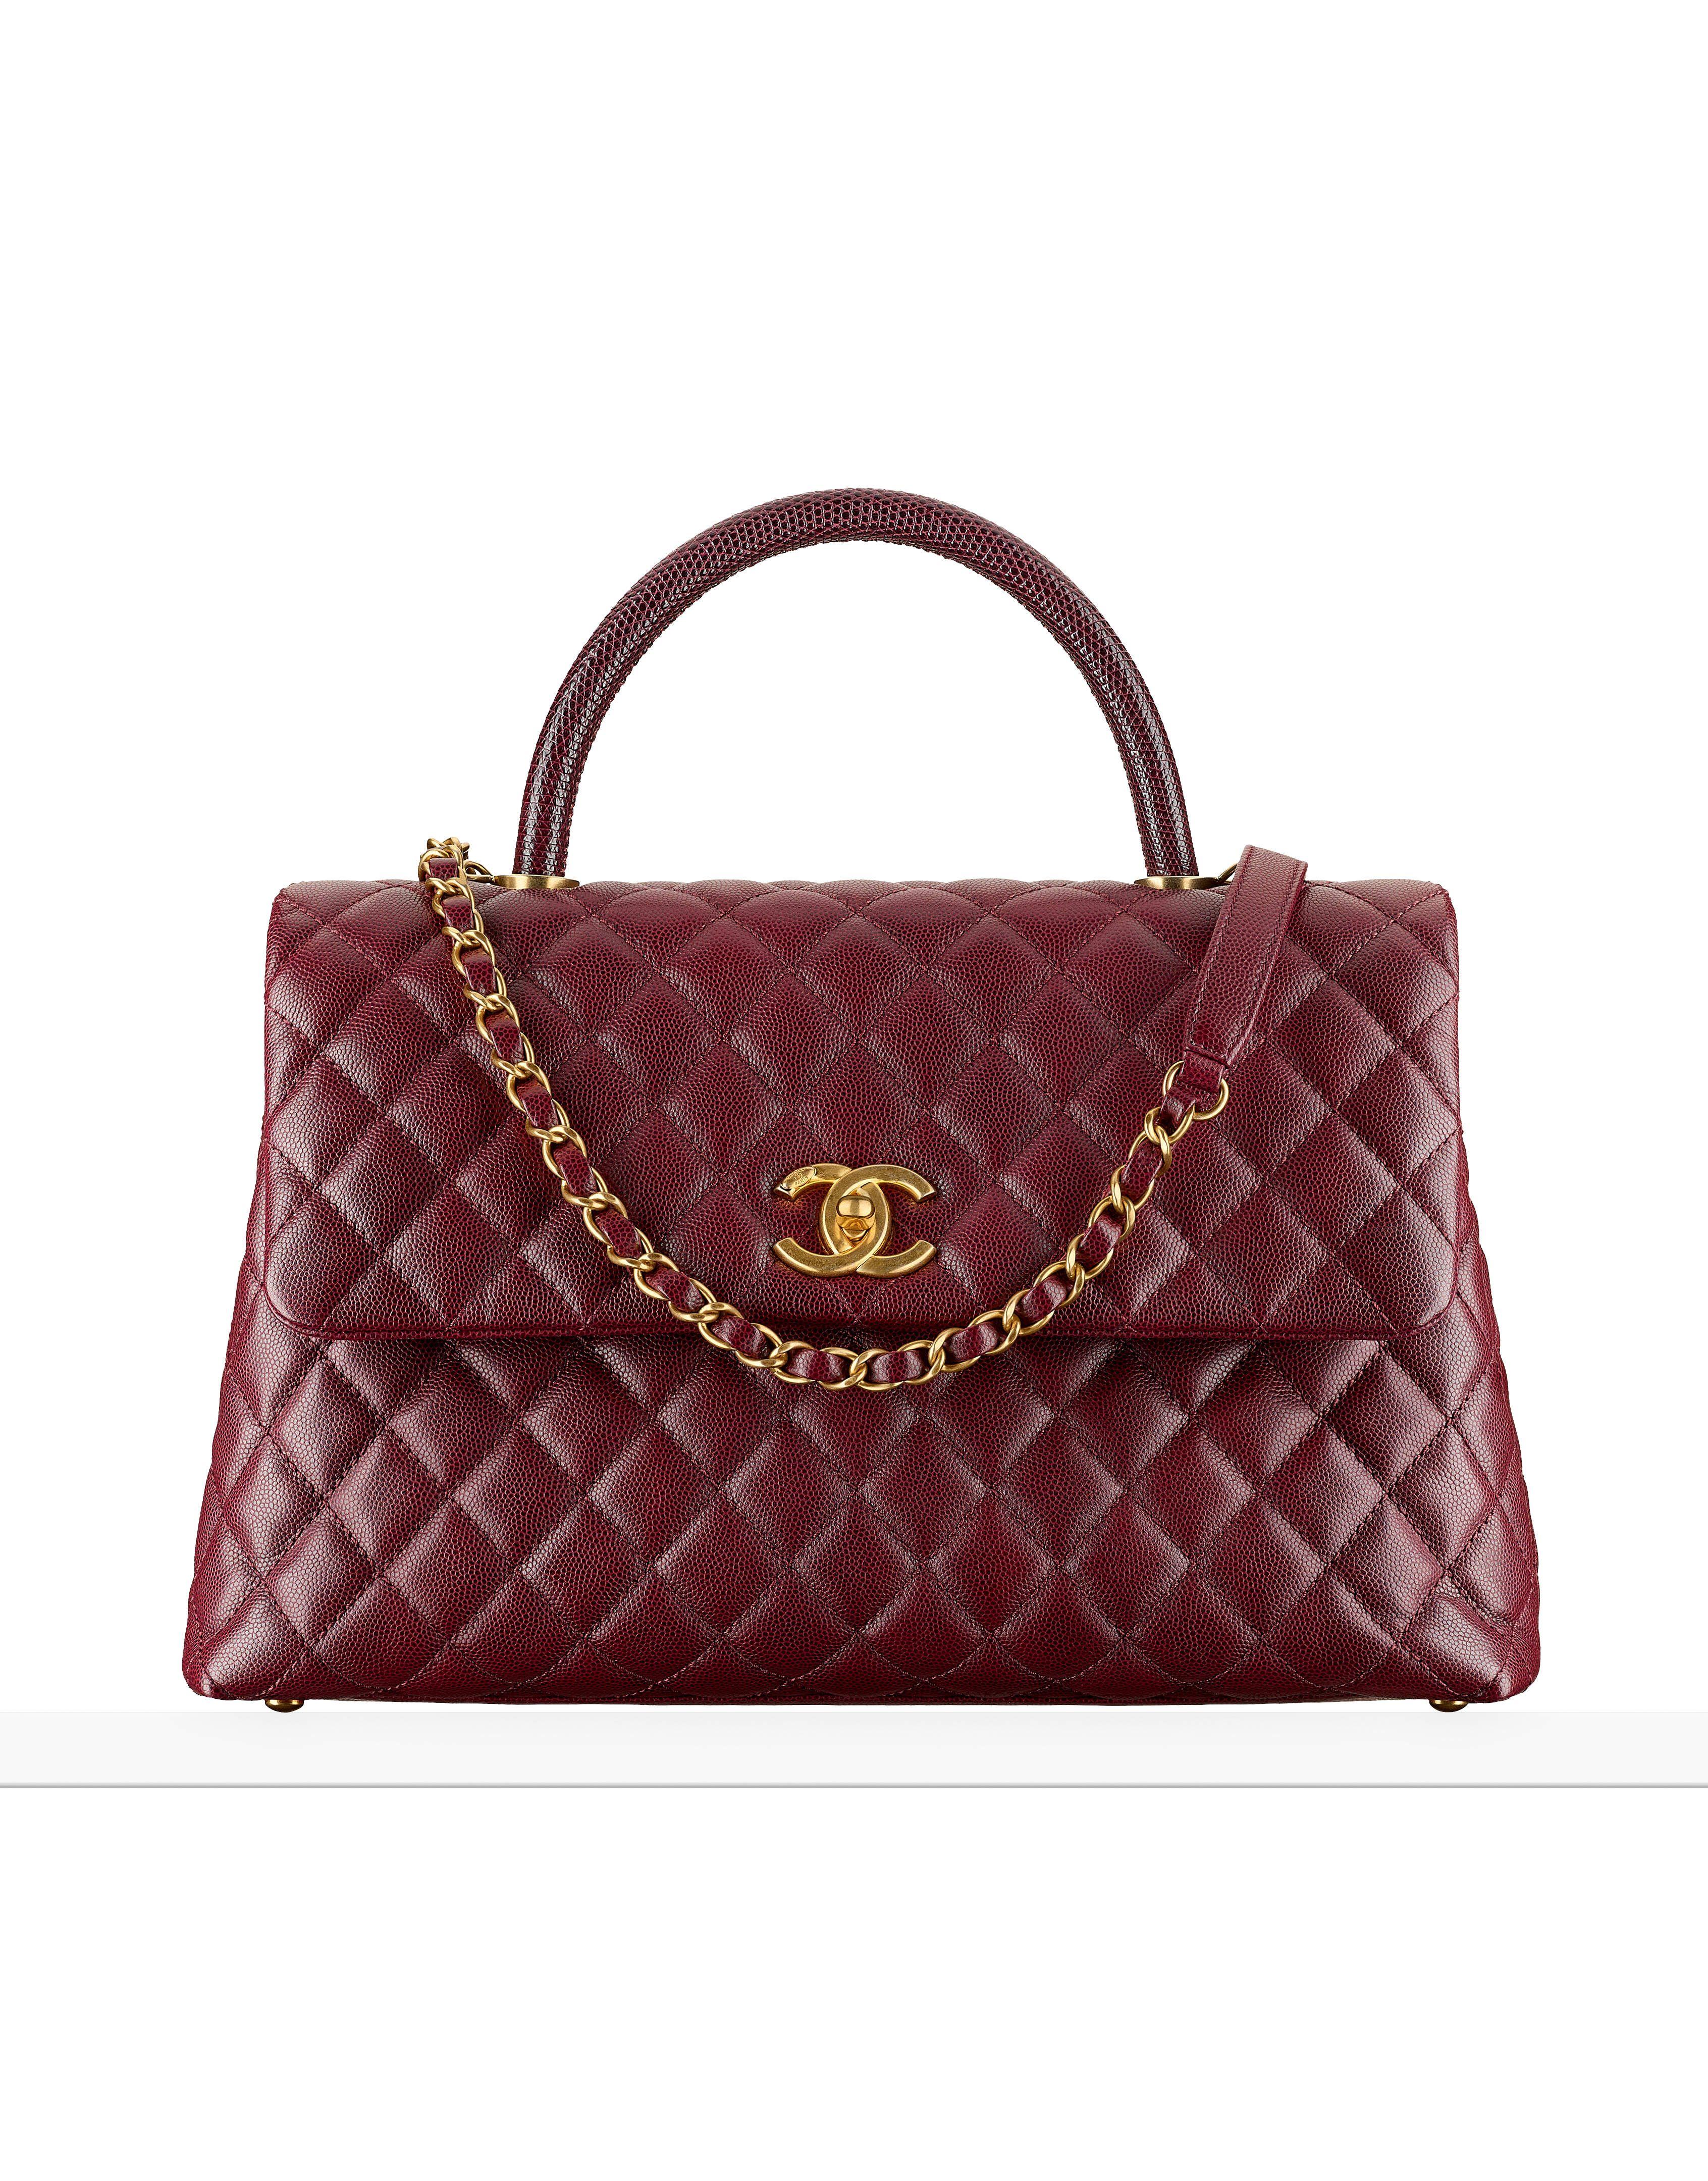 f4502df78afa8b Chanel RTW pré-collection FW 2017-18 #Chanel #ChanelPrecollection  #FalWinter2017-18 | Visit espritdegabrielle.com L'héritage de Coco Chanel #  ...